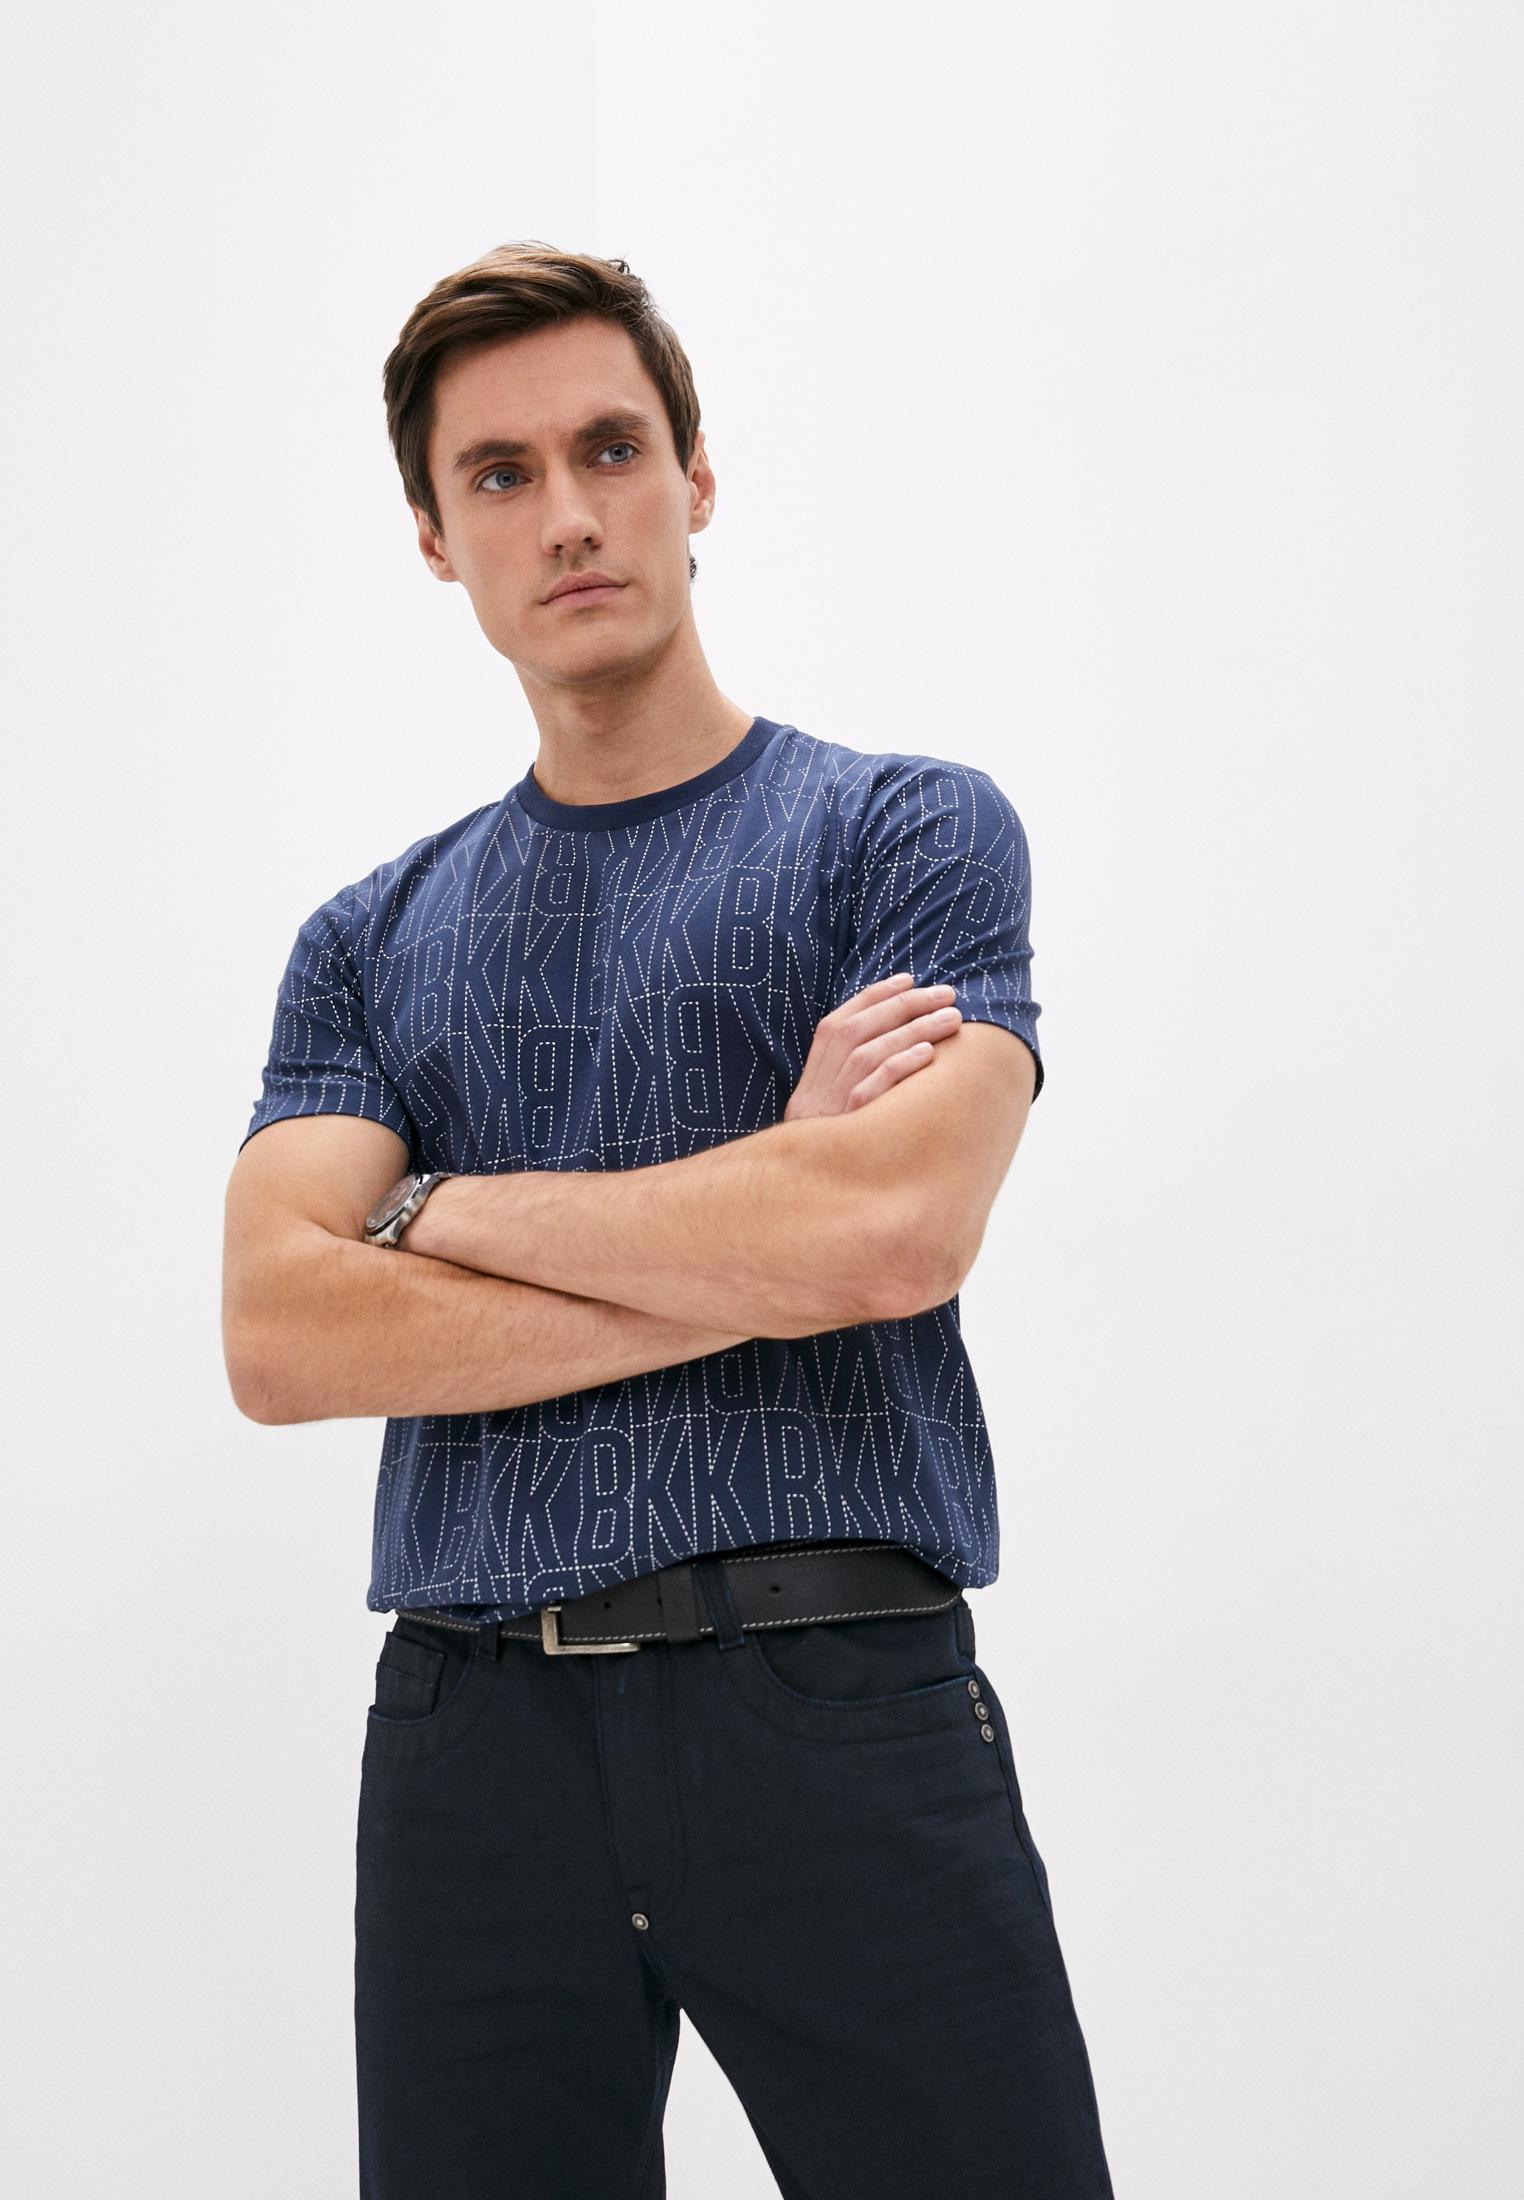 Мужская футболка Bikkembergs (Биккембергс) C 7 021 00 E 2199: изображение 1